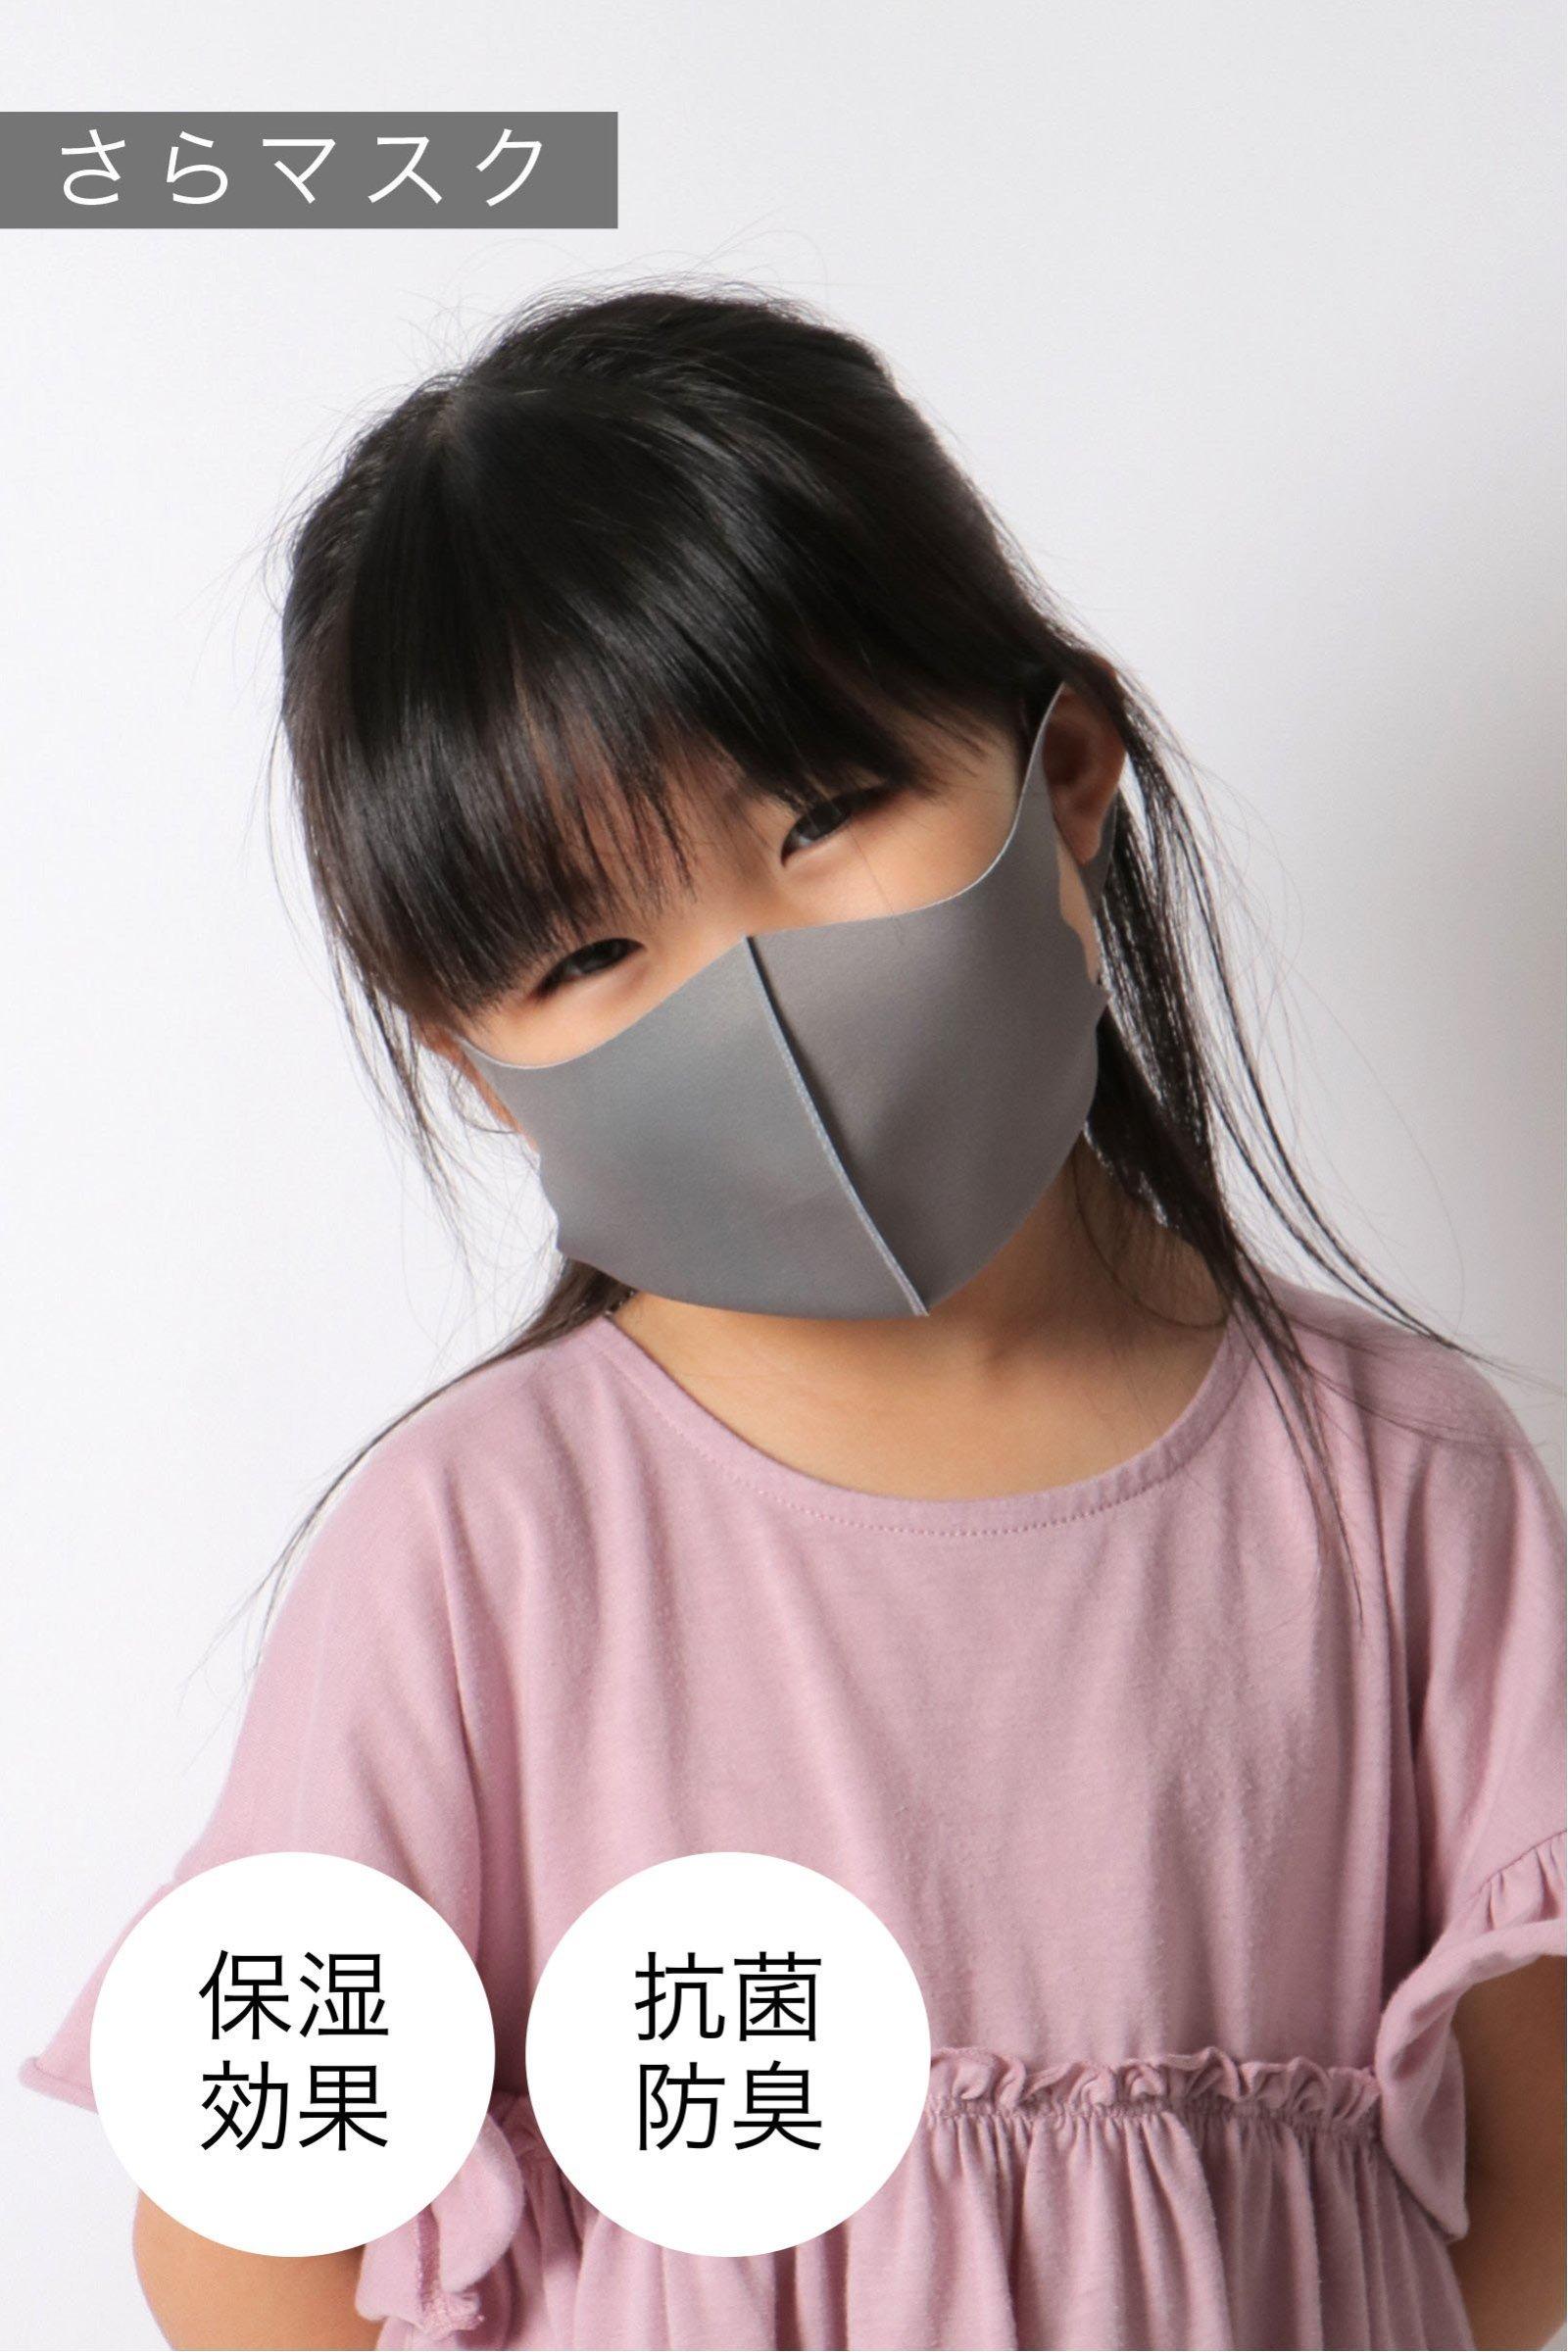 【こども用】 さらマスク チャコールグレー